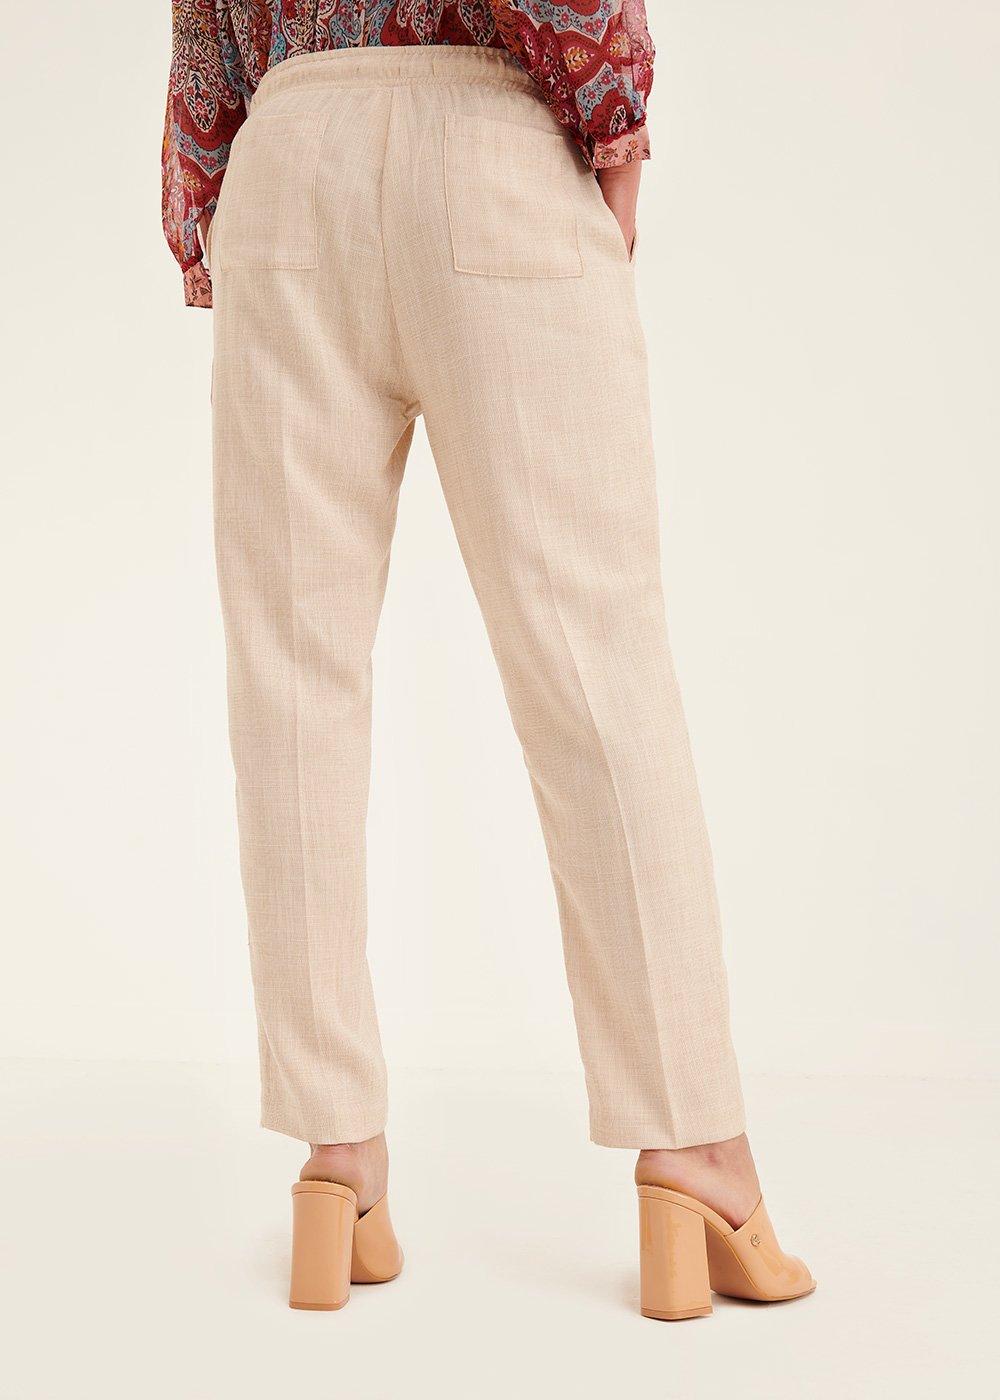 Pantalone Cara con elastico in vita - Light Beige - Donna